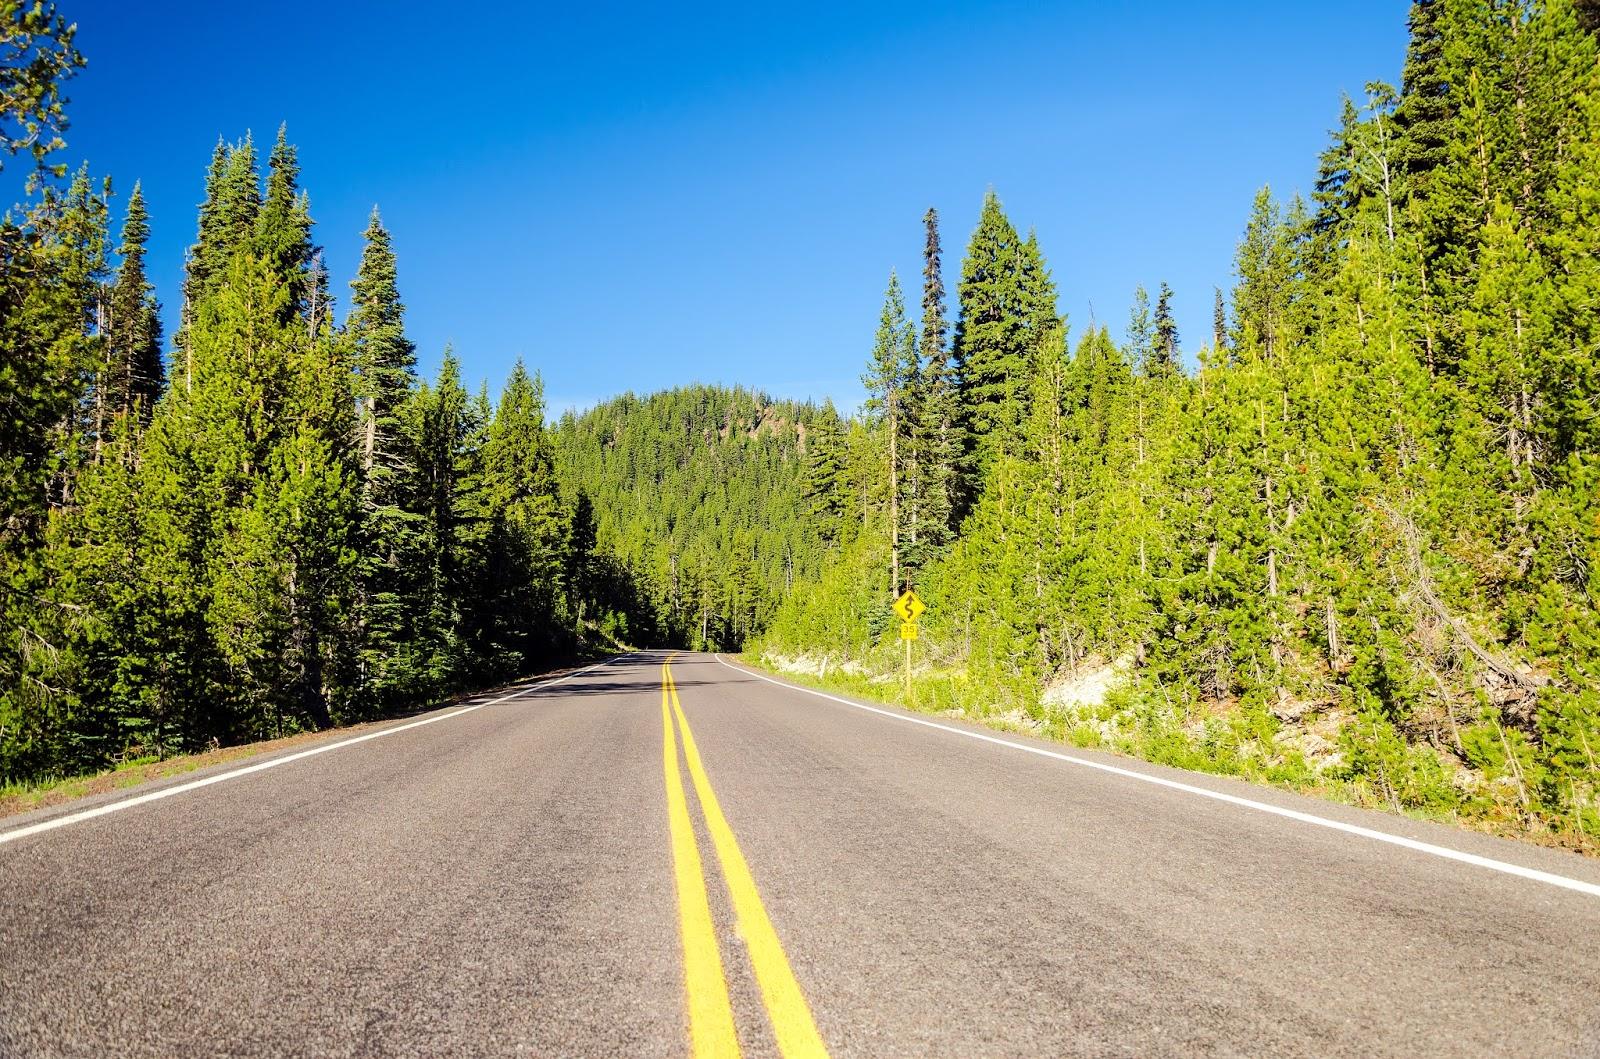 Northwest: Oregon Coast Highway